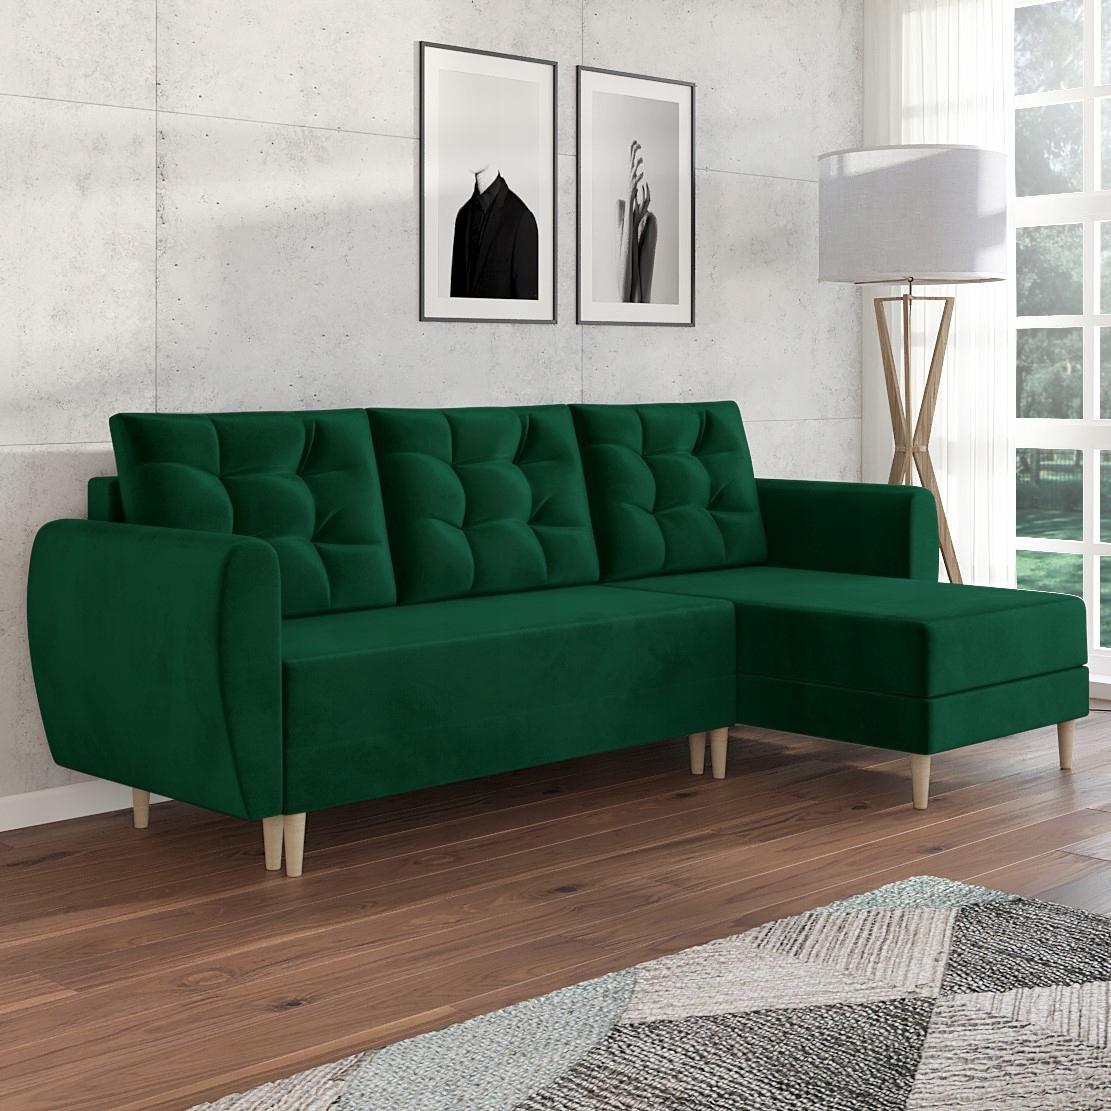 PALERMO Скандинавский угловой диван с функцией сна